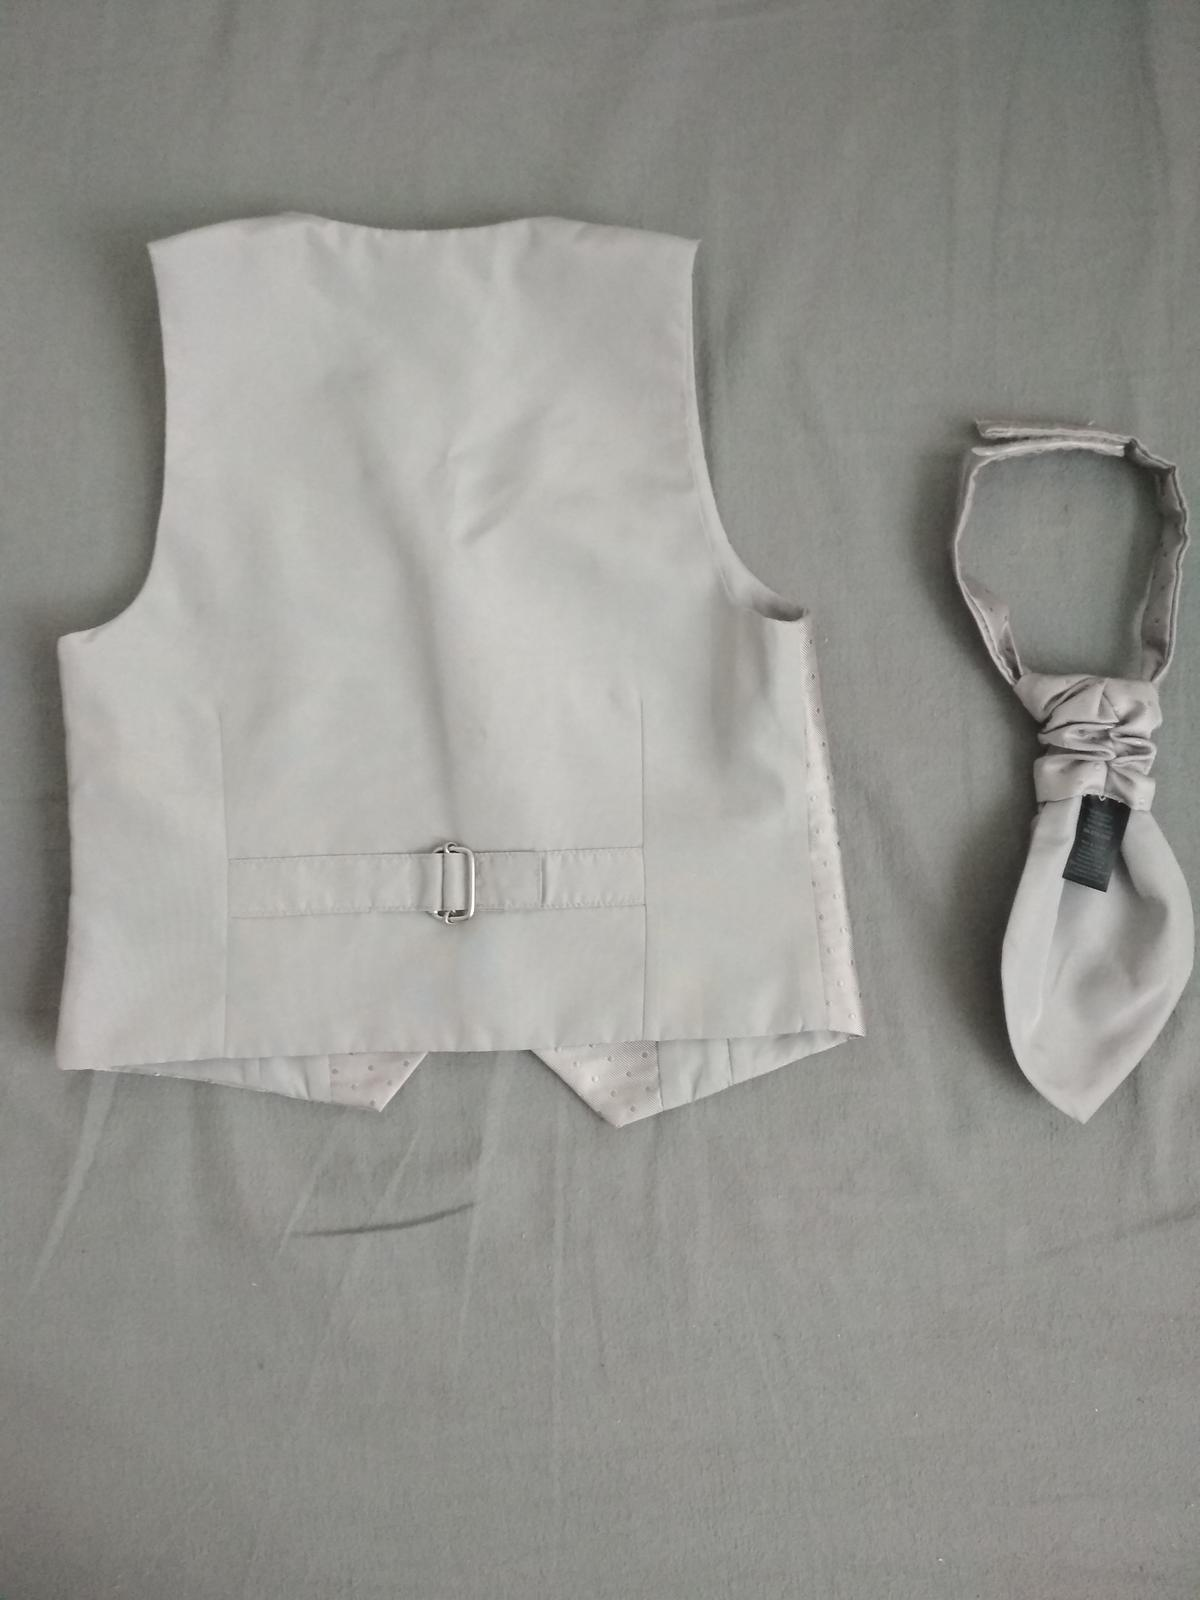 Svadobná vestička s kravatou - Obrázok č. 3